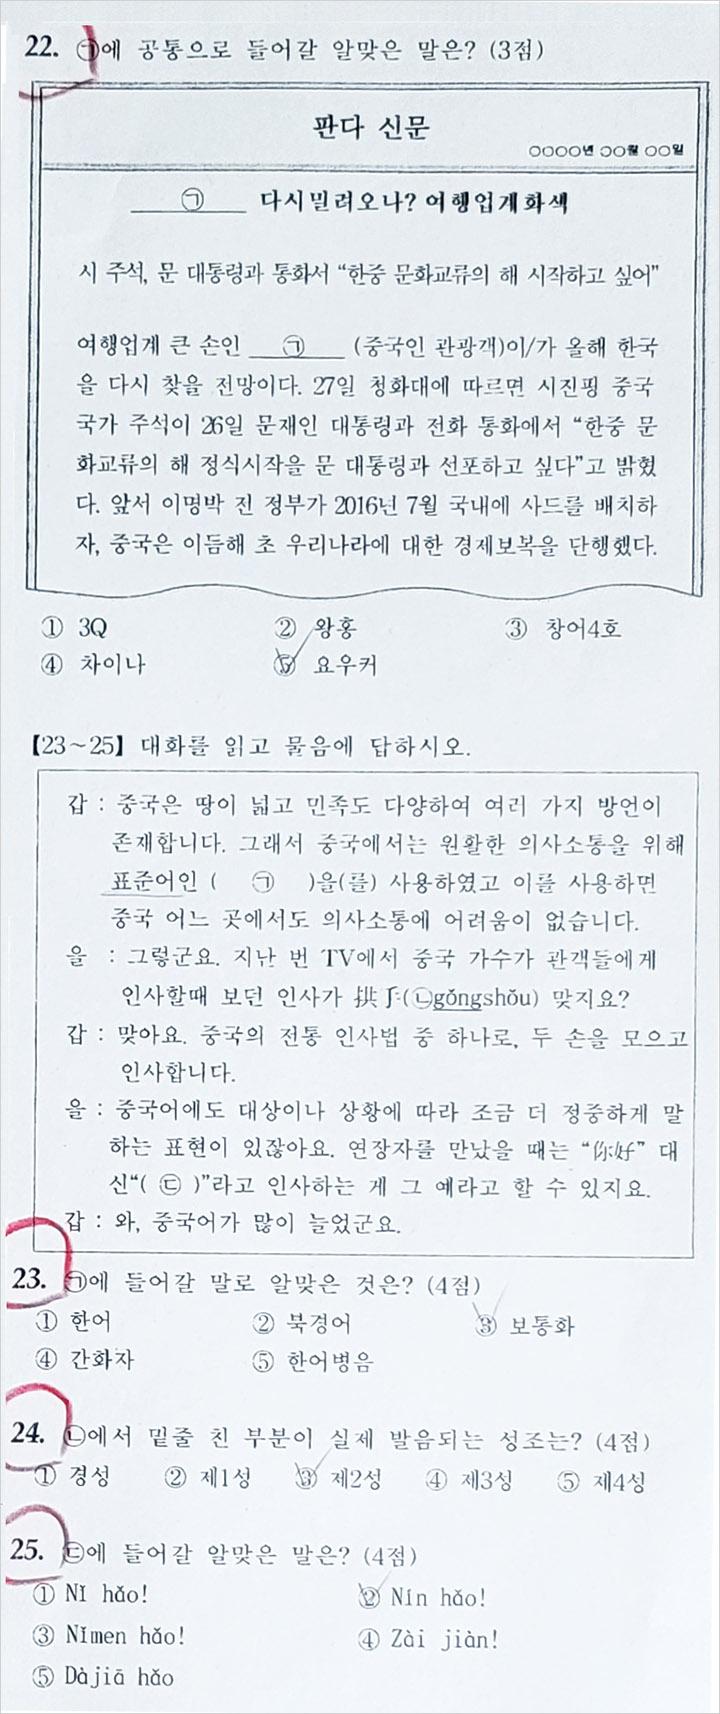 생활중국어 기말고사 기출문제10.jpg